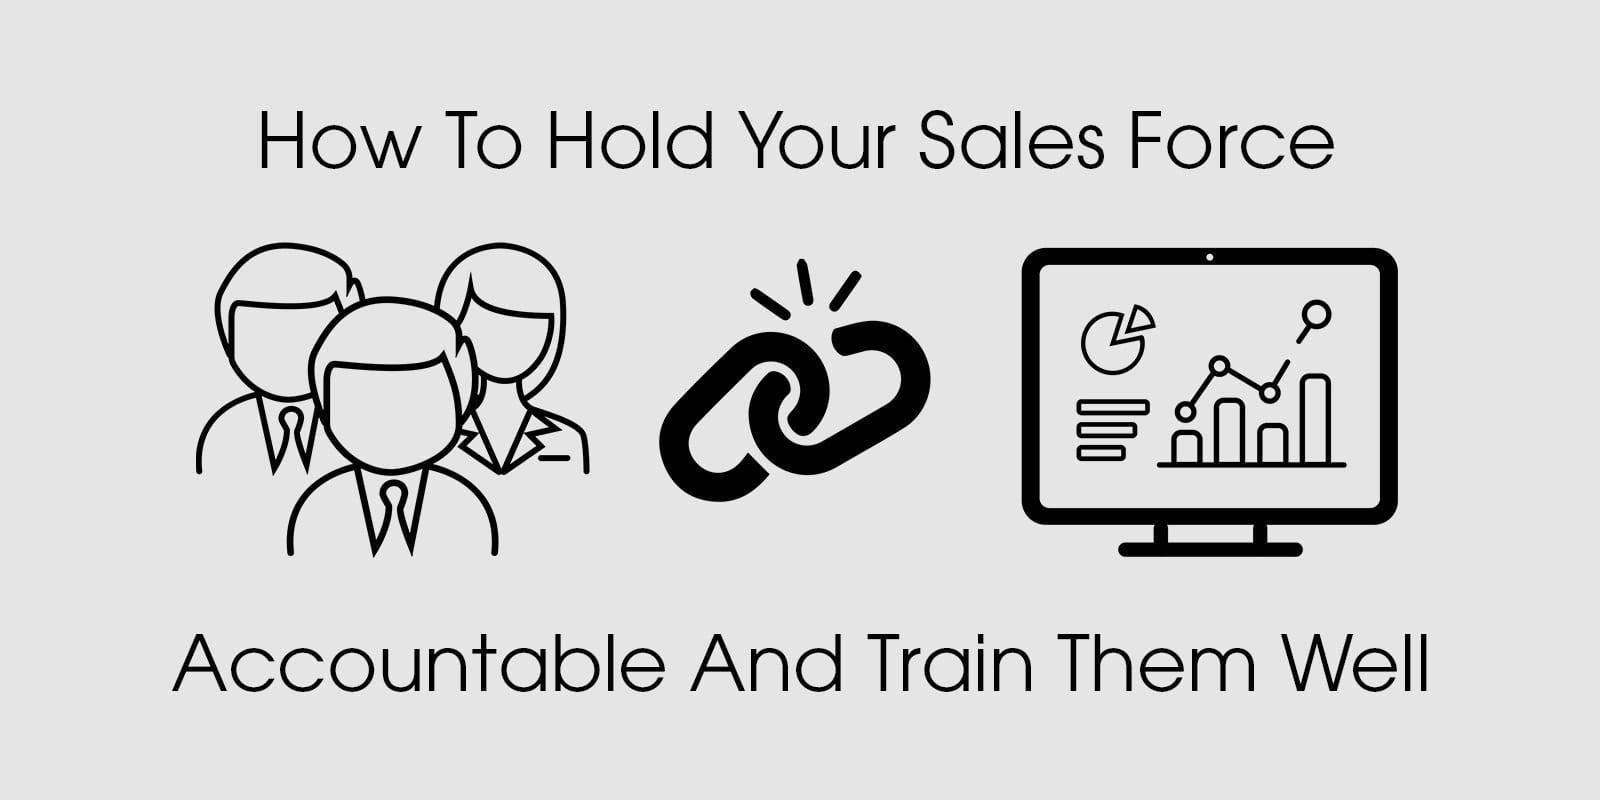 Haga responsable a la fuerza de ventas de su concesionario y capacítelos bien